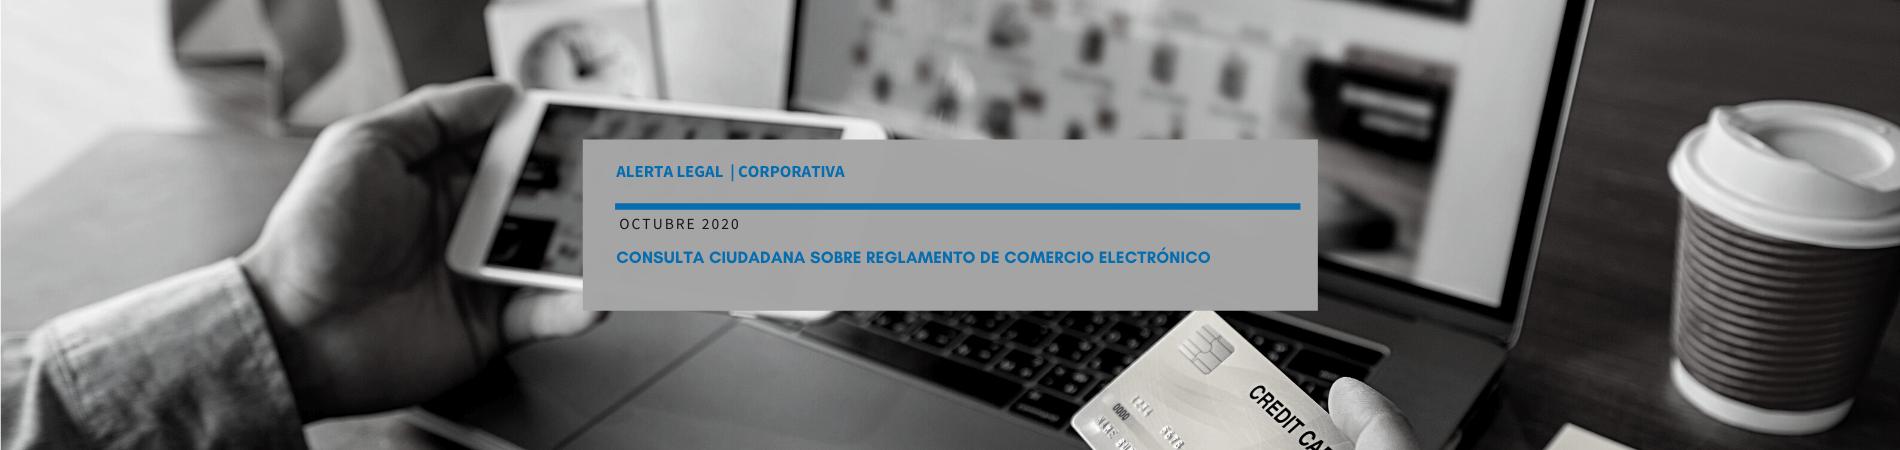 Alerta Legal Corporativa   Consulta ciudadana sobre Reglamento de Comercio Electrónico